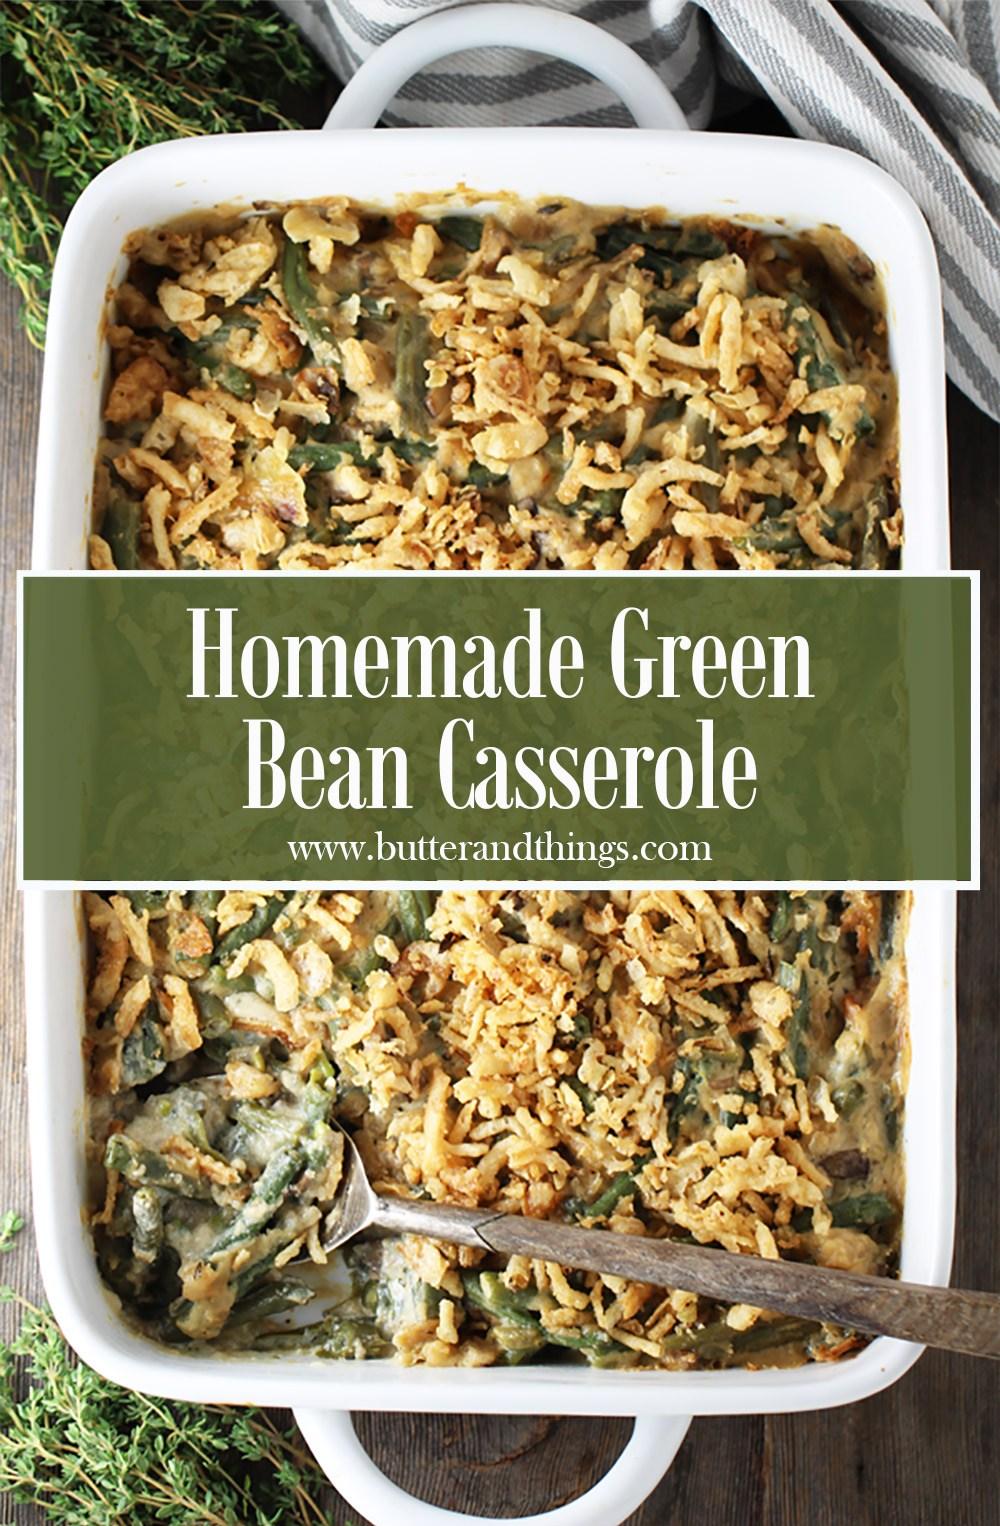 Homemade-Green-Bean-Casserole-Pin-2